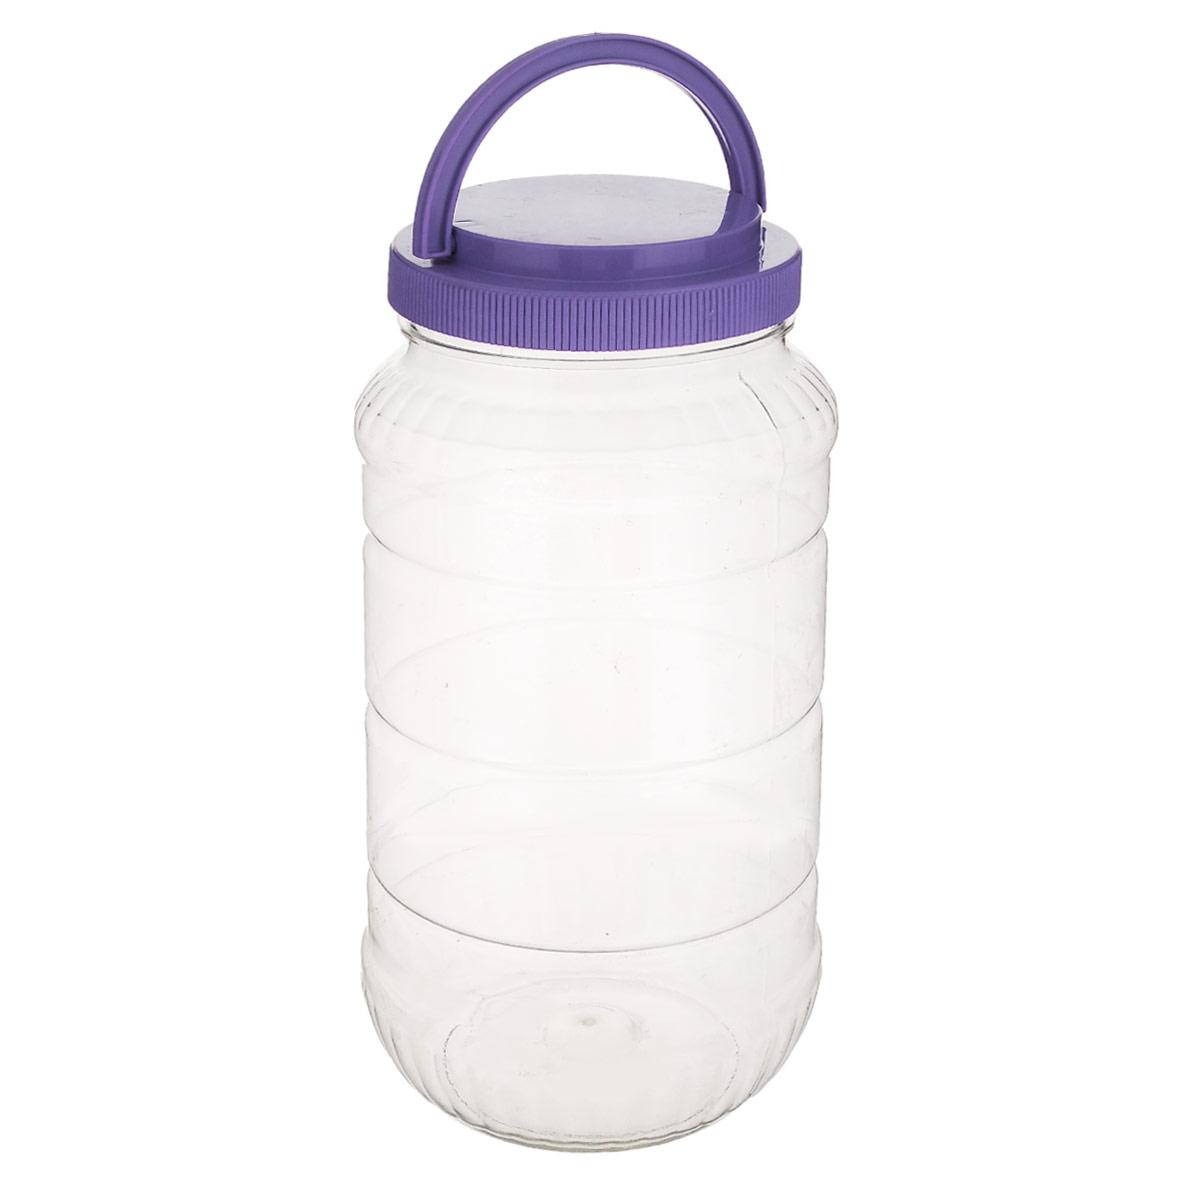 Емкость Альтернатива, с ручкой, цвет: фиолетовый, 3 лM957_ фиолетовыйЕмкость Альтернатива предназначена для хранения сыпучих продуктов или жидкостей. Выполнена из высококачественного пластика. Оснащена ручкой для удобной переноски. Ручка опускается. Диаметр: 10,5 см. Высота (без учета крышки): 25 см.